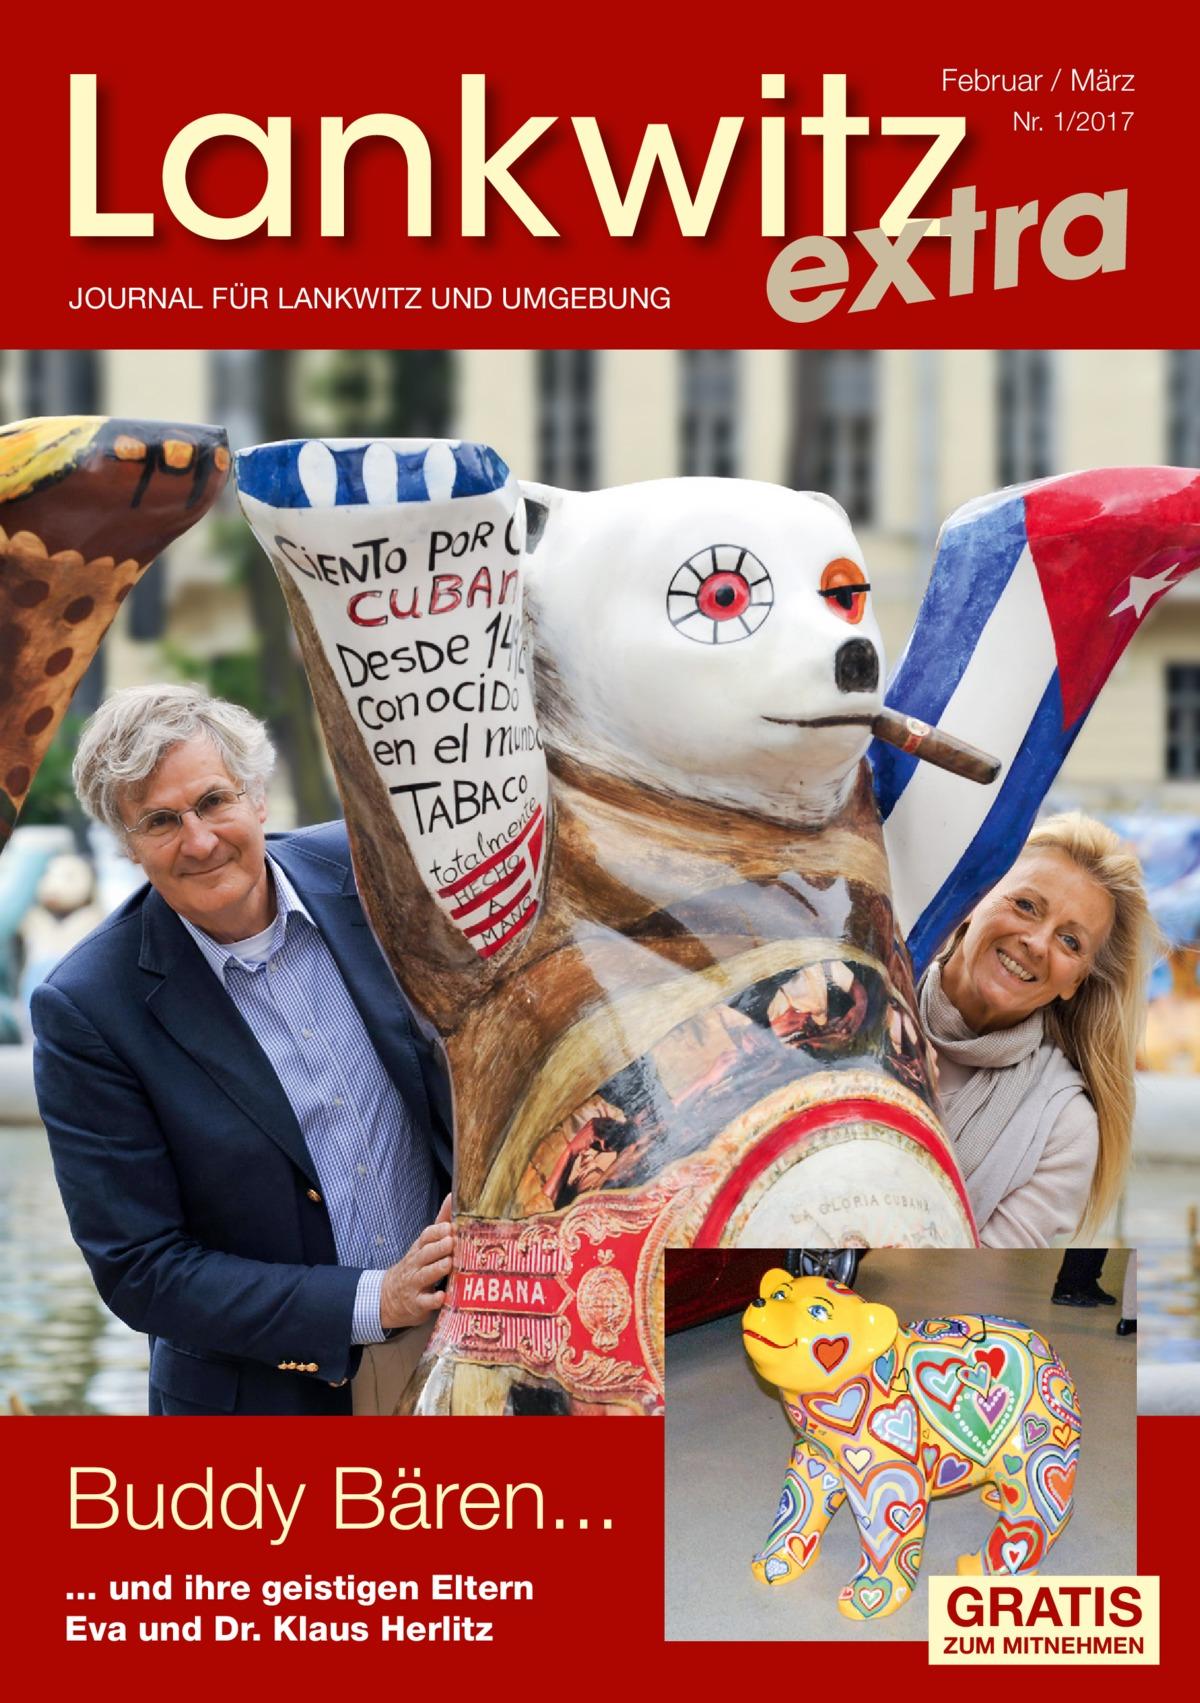 Lankwitz a r t x e  Februar / März Nr. 1/2017  JOURNAL FÜR LANKWITZ UND UMGEBUNG  Buddy Bären... ... und ihre geistigen Eltern Eva und Dr.Klaus Herlitz  GRATIS  ZUM MITNEHMEN